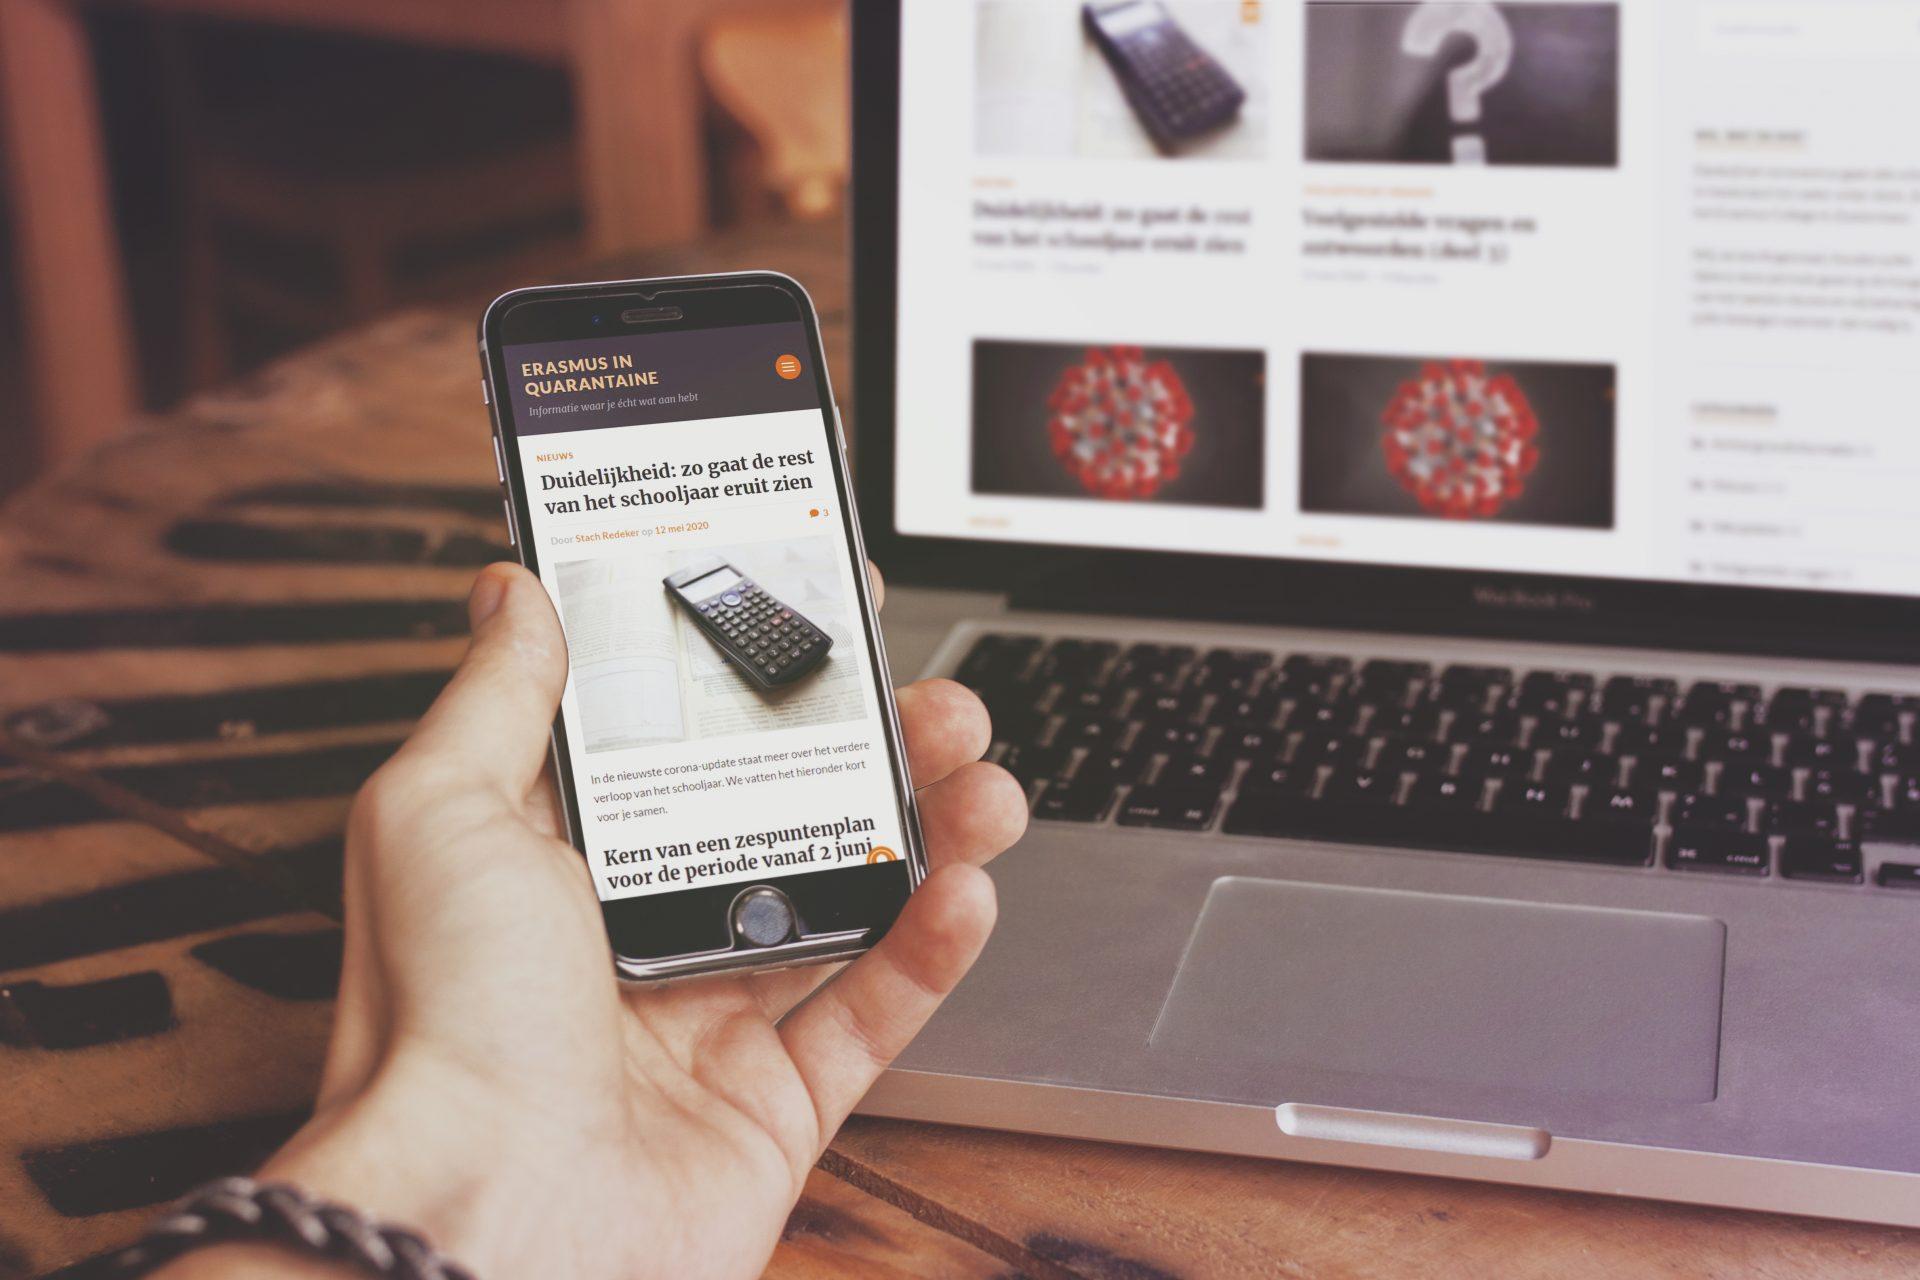 Erasmus in quarantaine; op de foto is de site zowel op een telefoon als een laptop zichtbaar